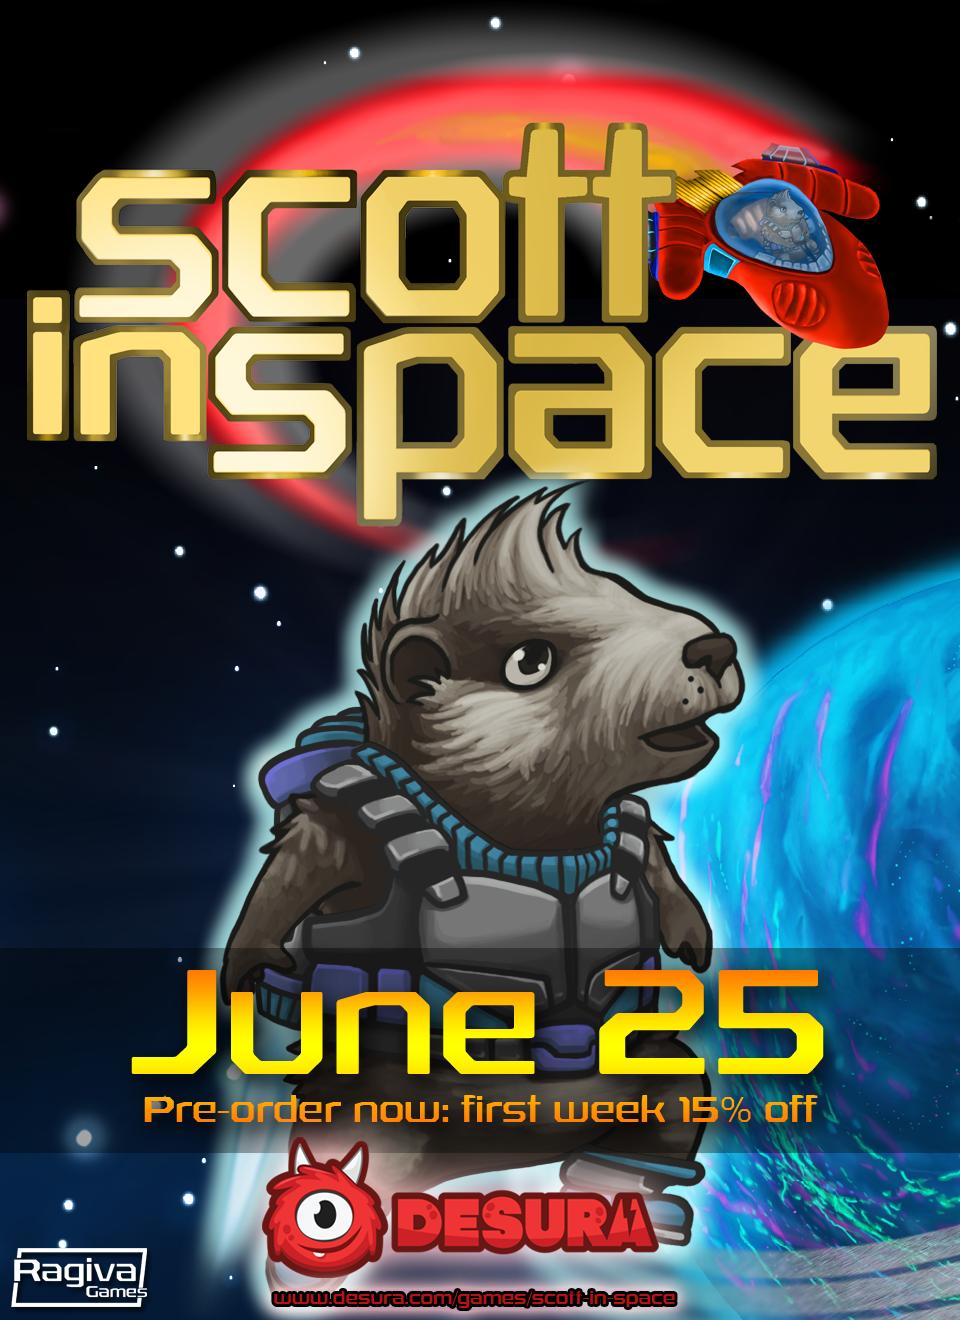 Scott in Space on Desura